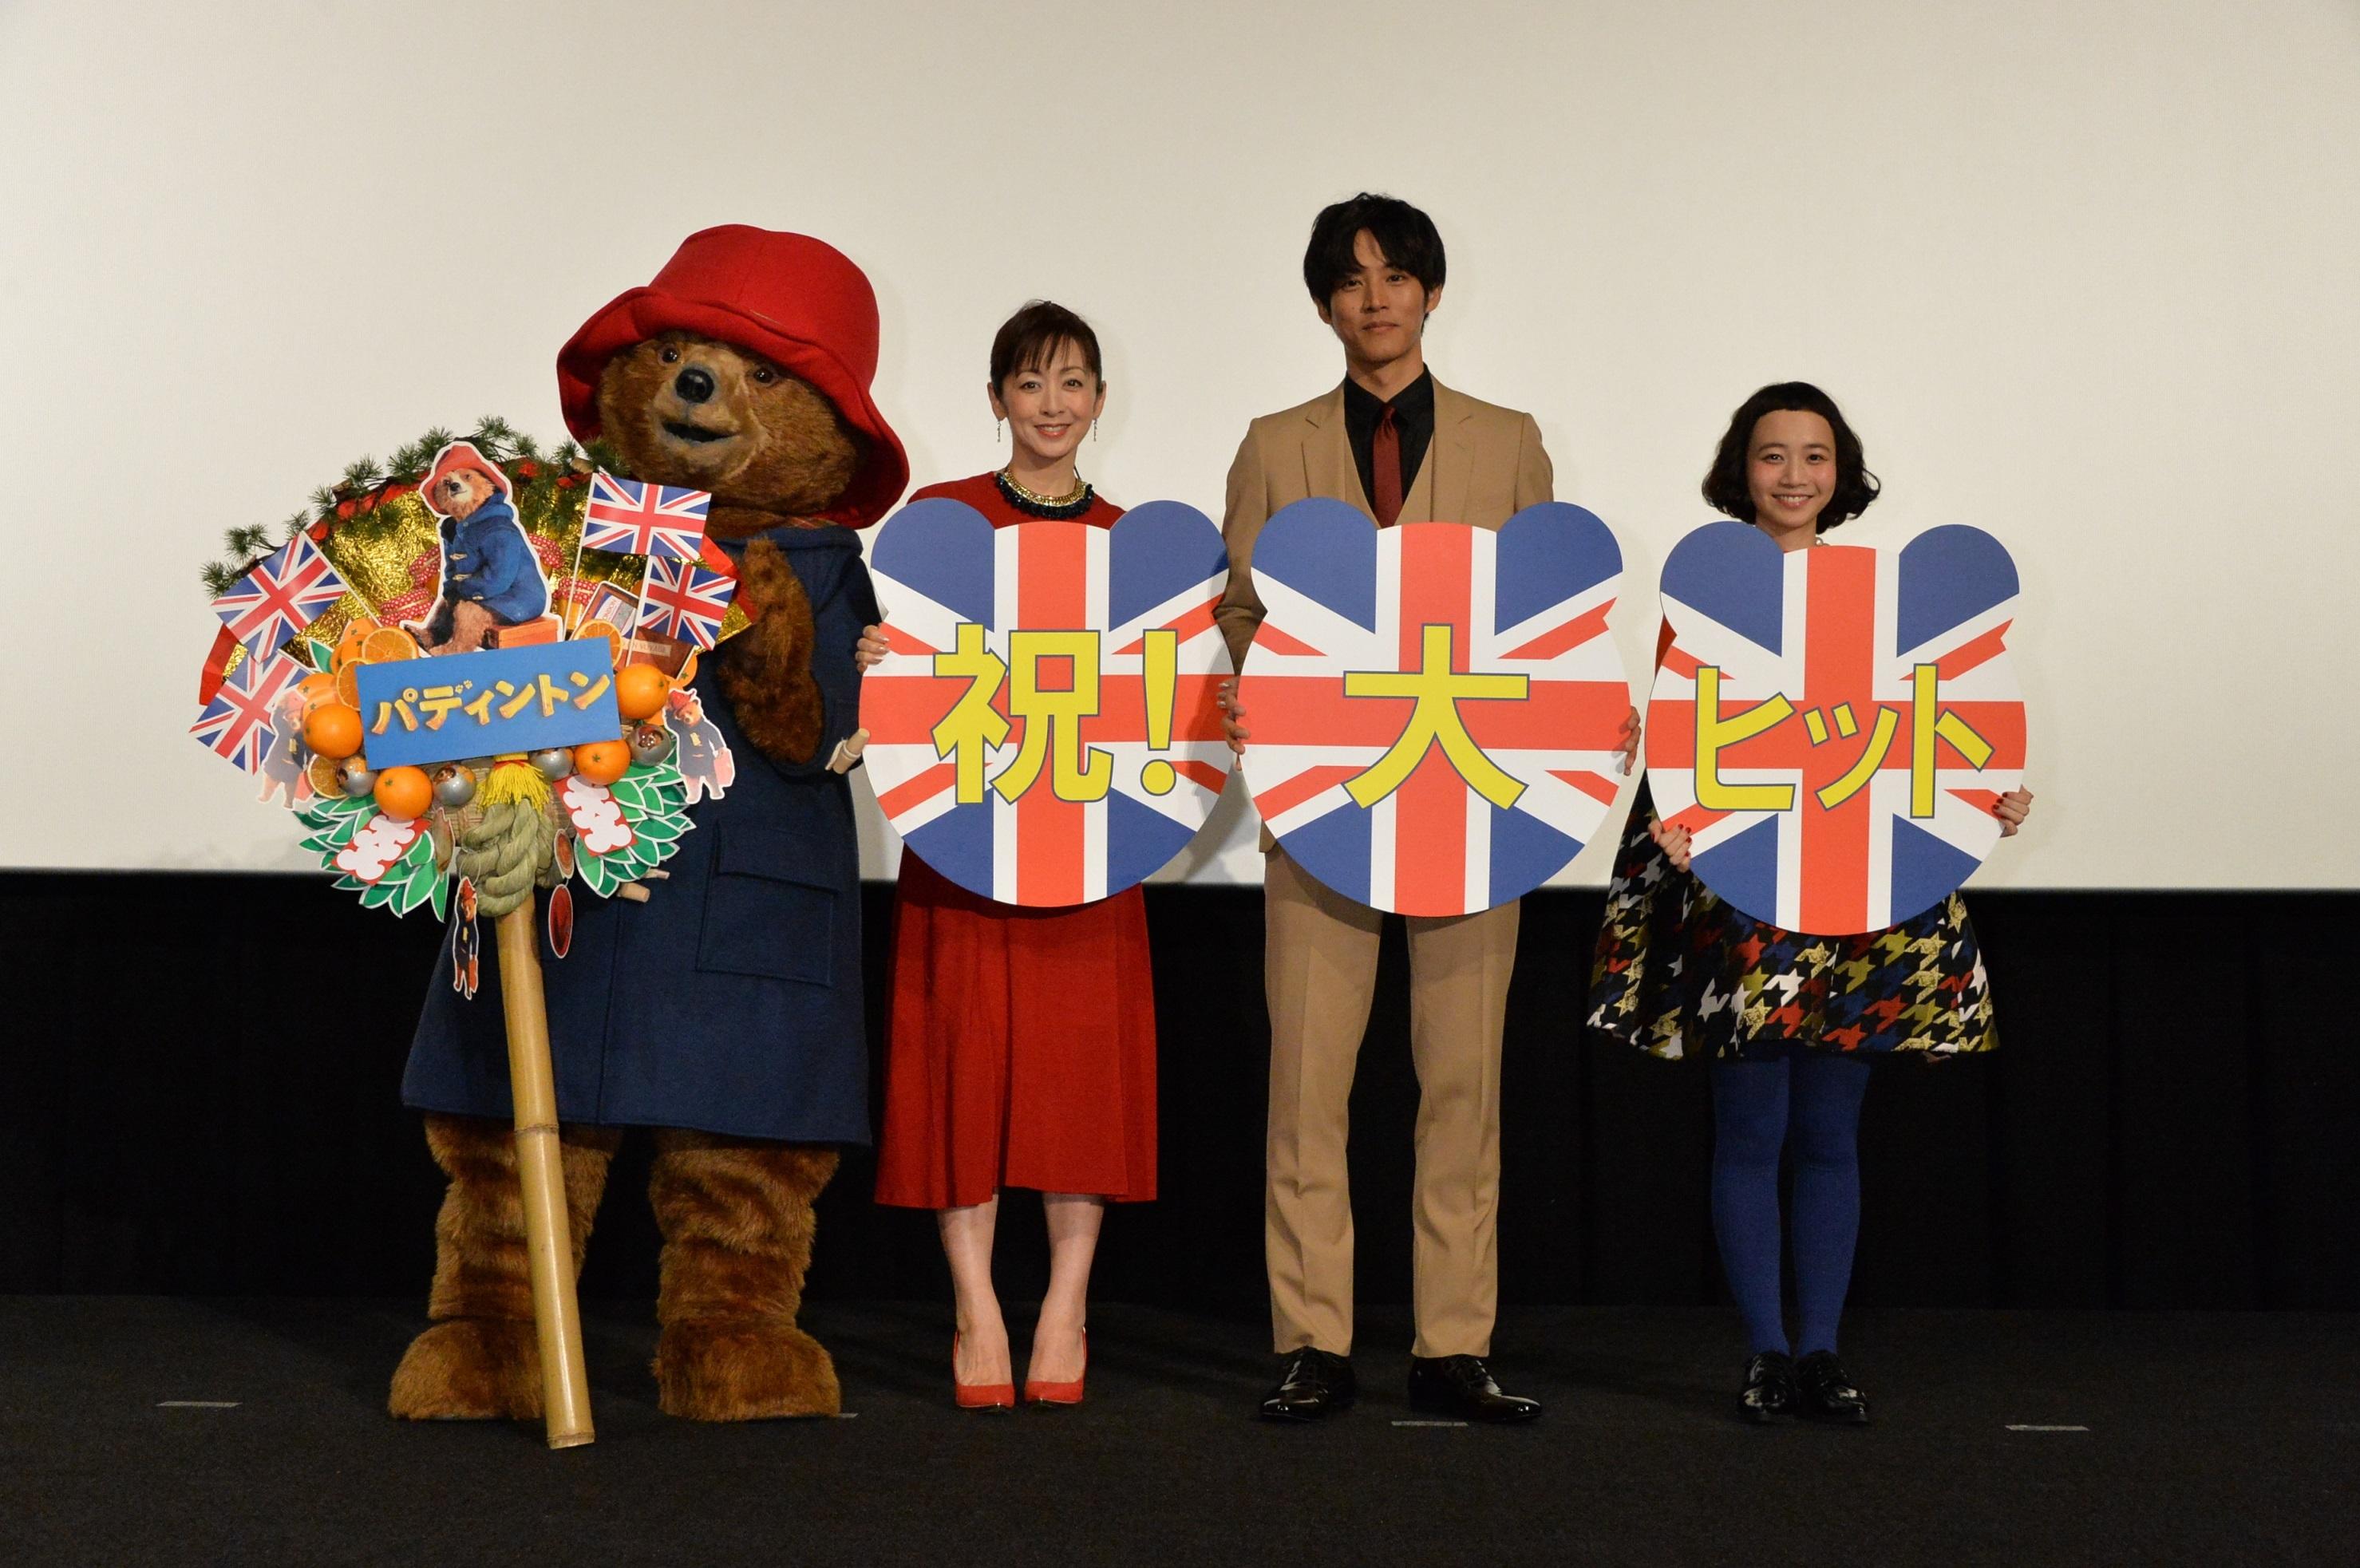 左から パディントン、斉藤由貴、松坂桃李、三戸なつめ